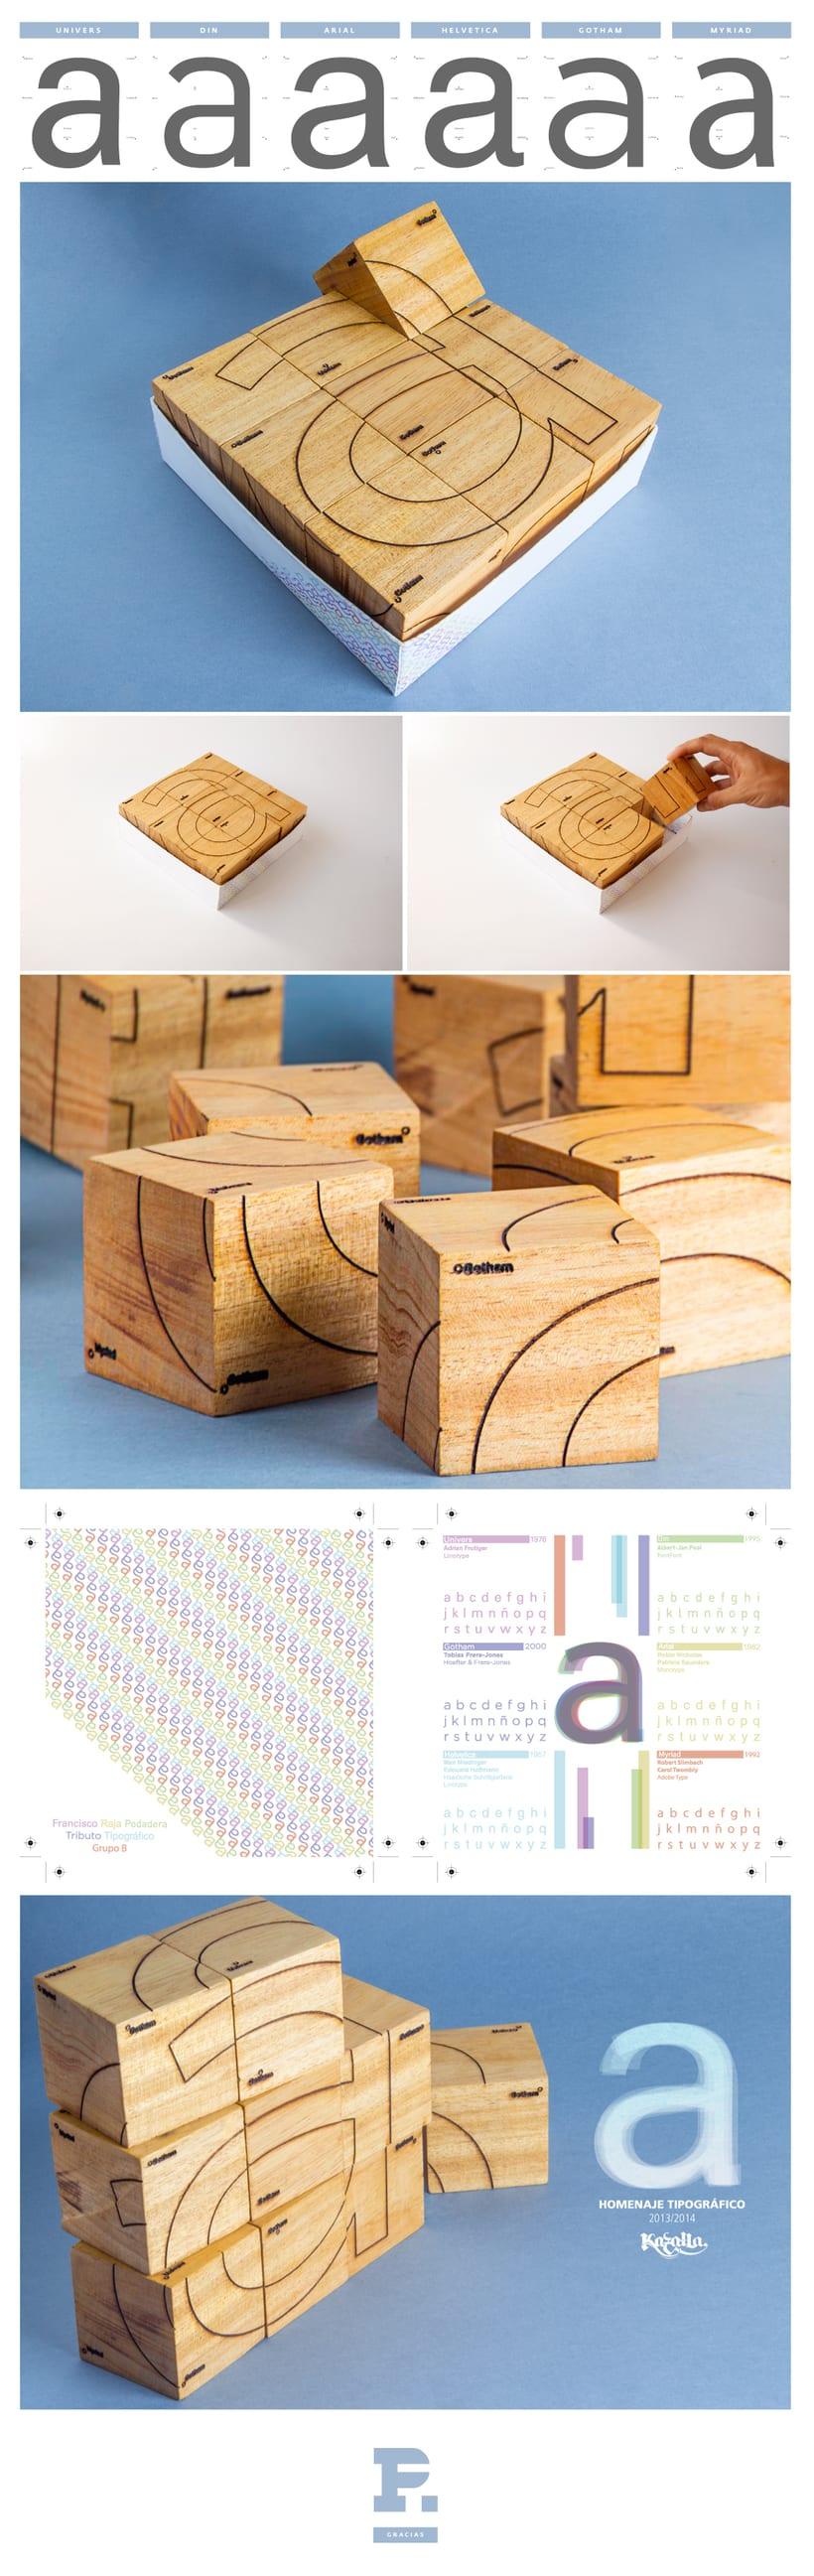 Tributo tipográfico -1